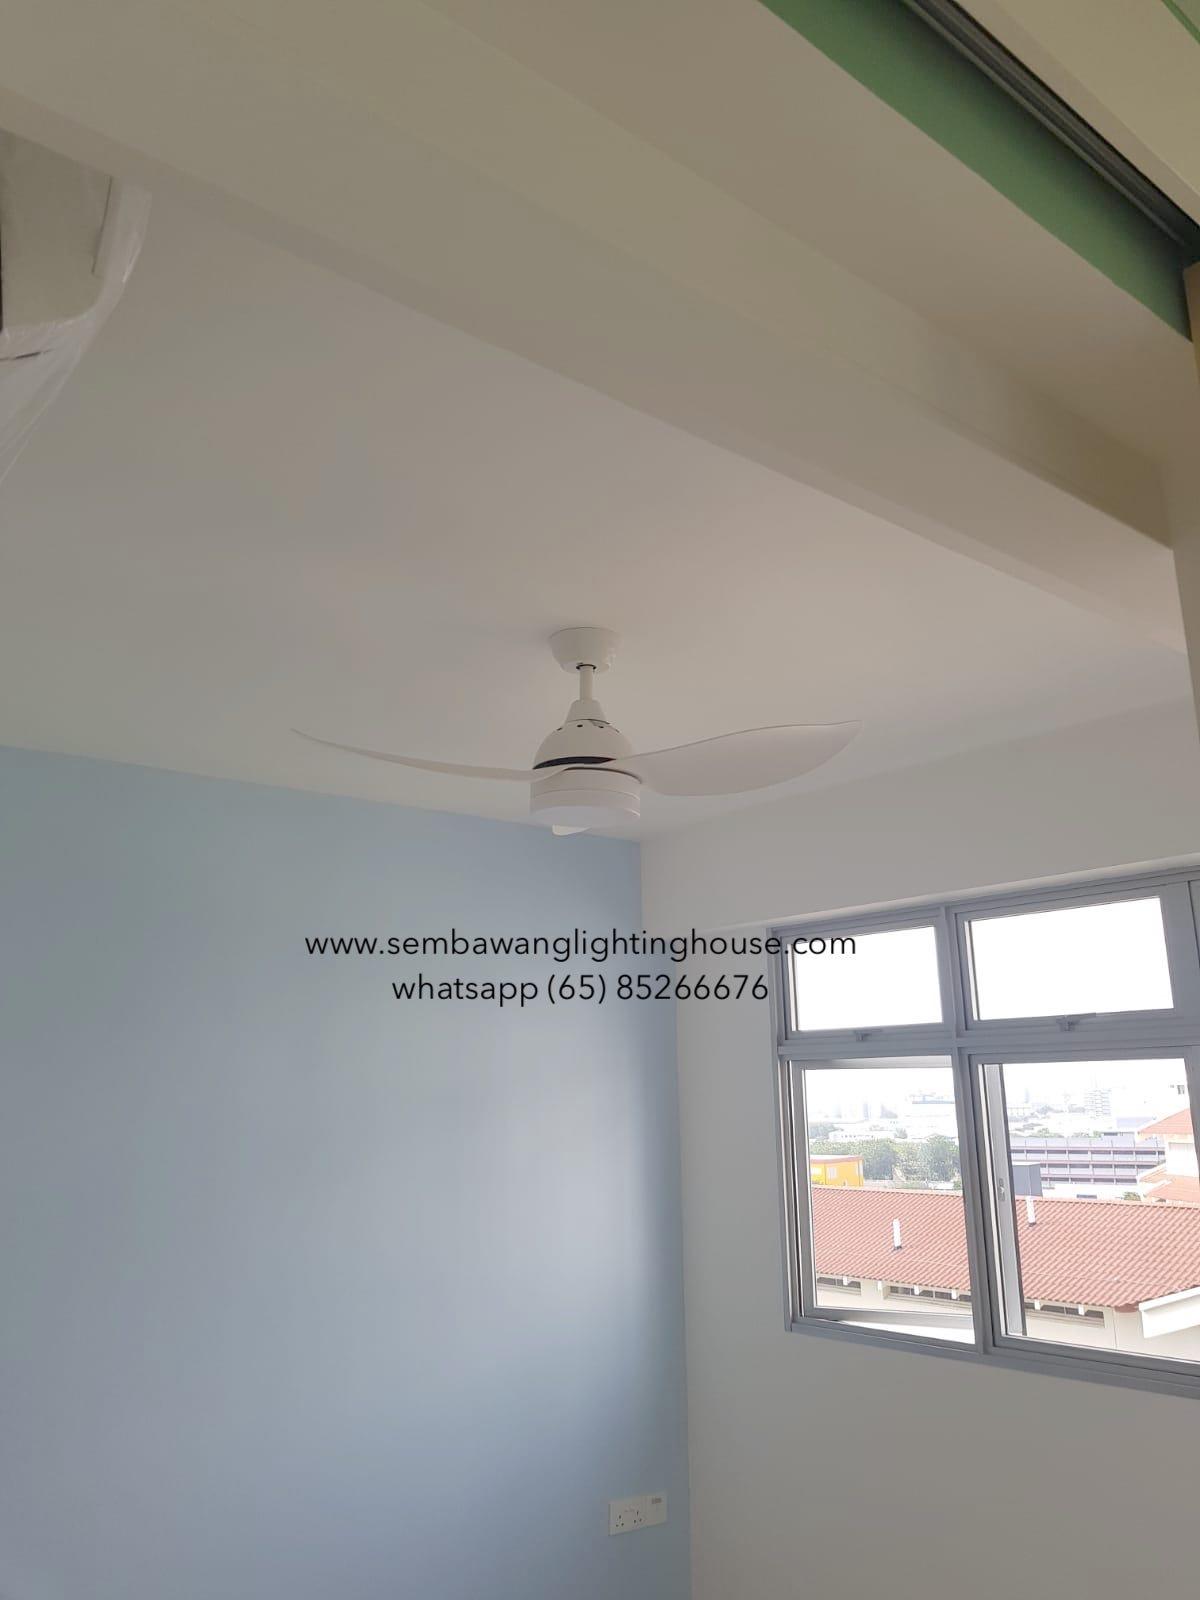 bestar-raptor-white-ceiling-fan-with-light-sembawang-lighting-house-07.jpg